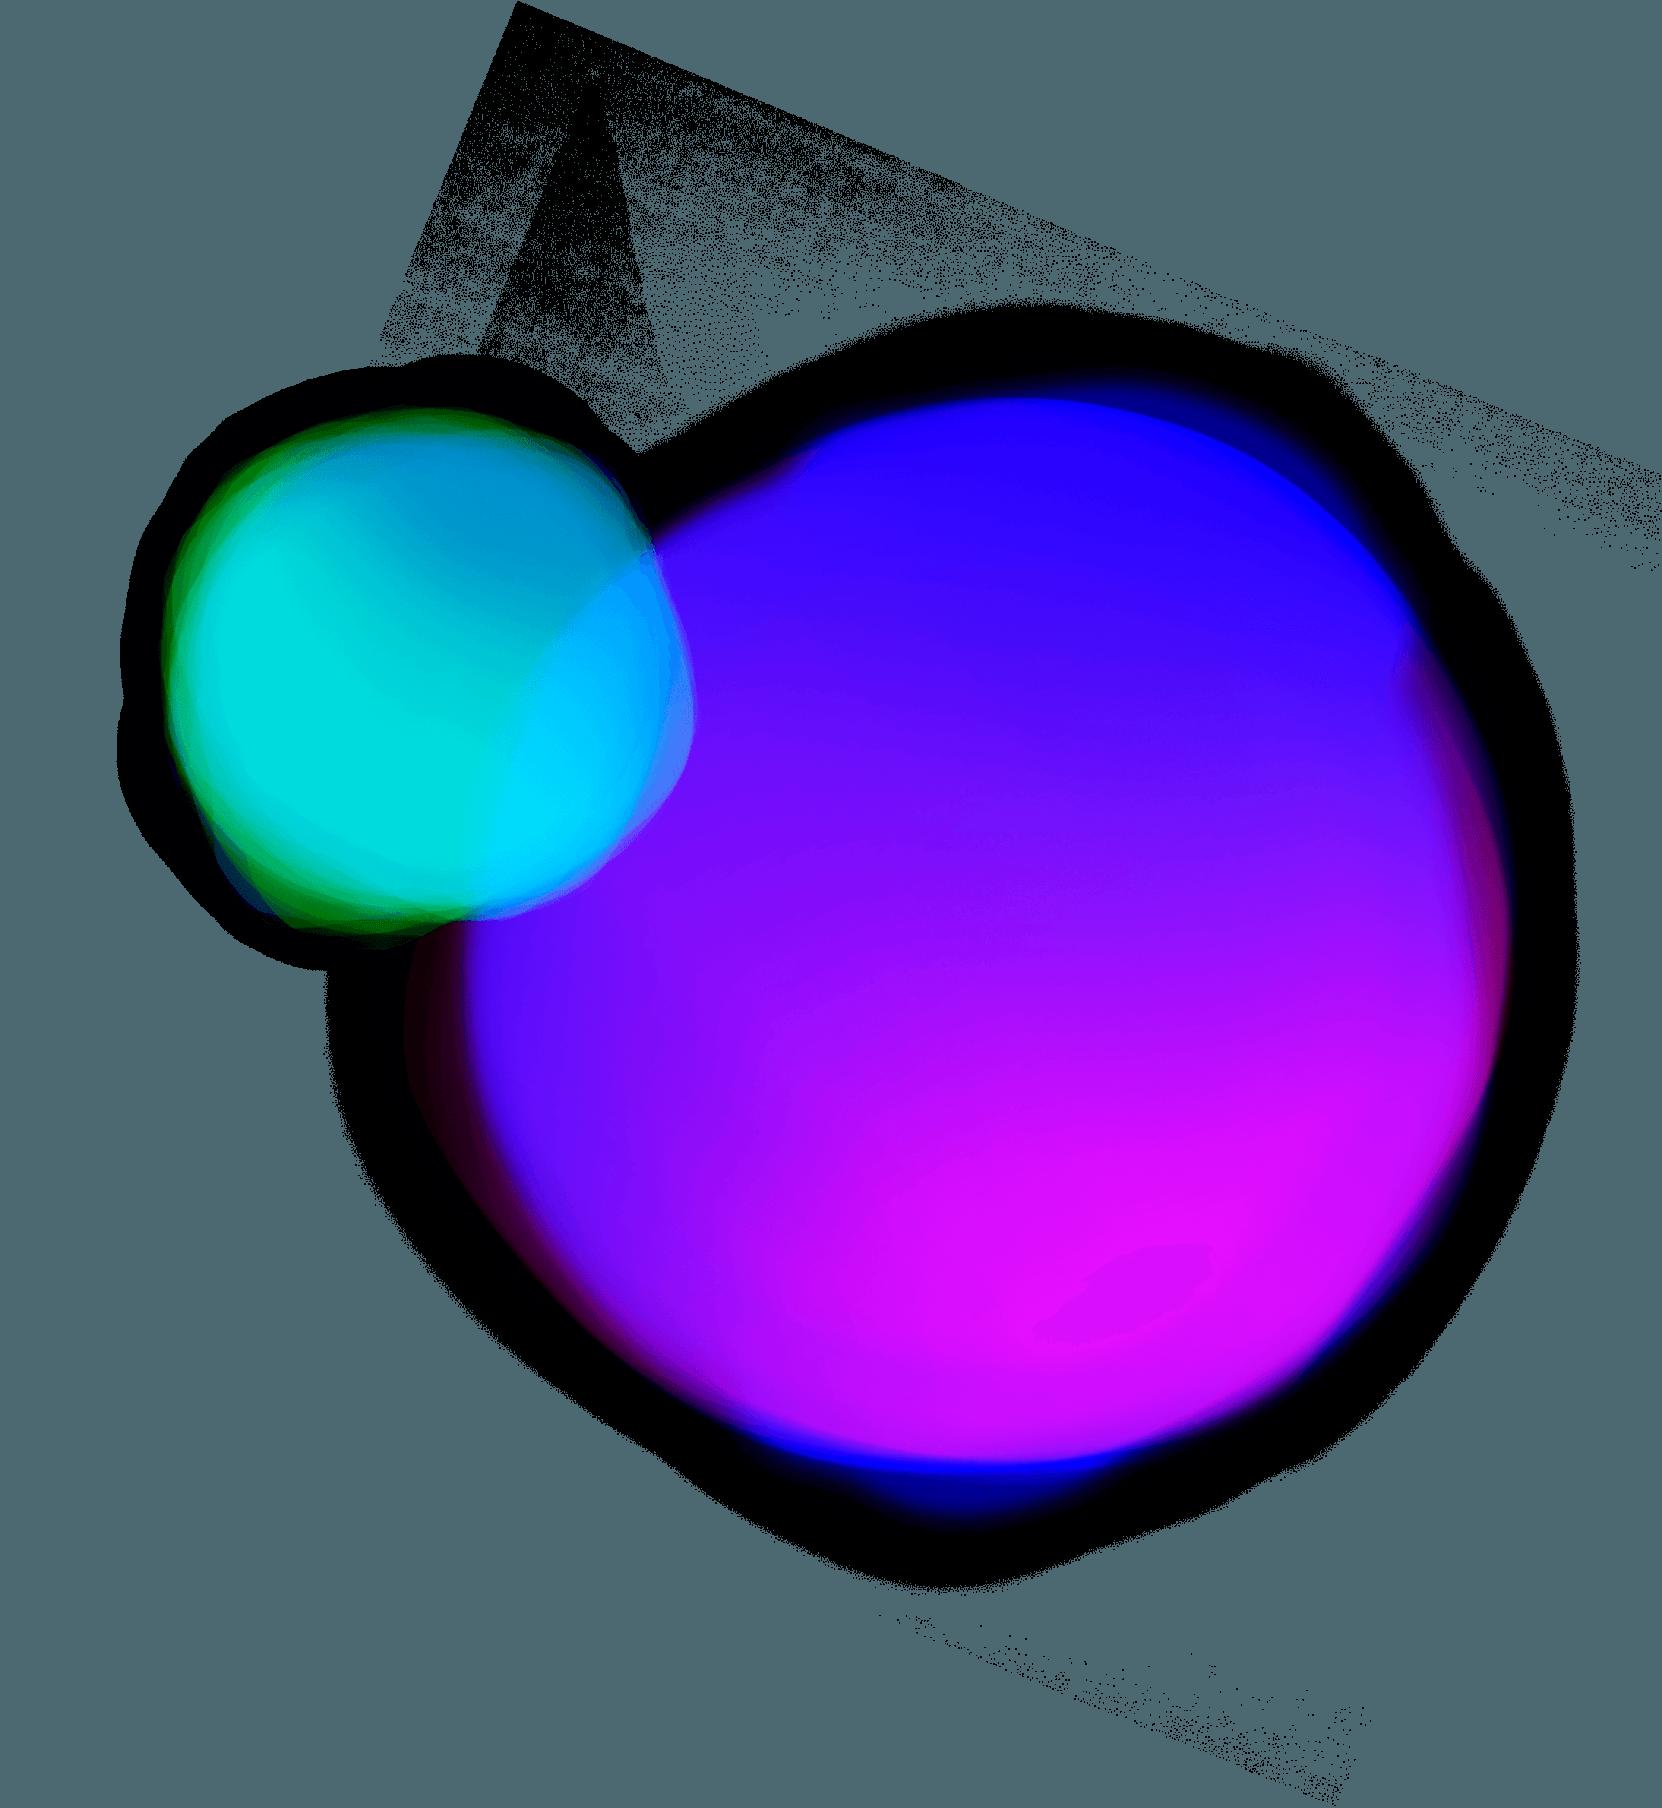 sphere_dark_01_1_1_.png